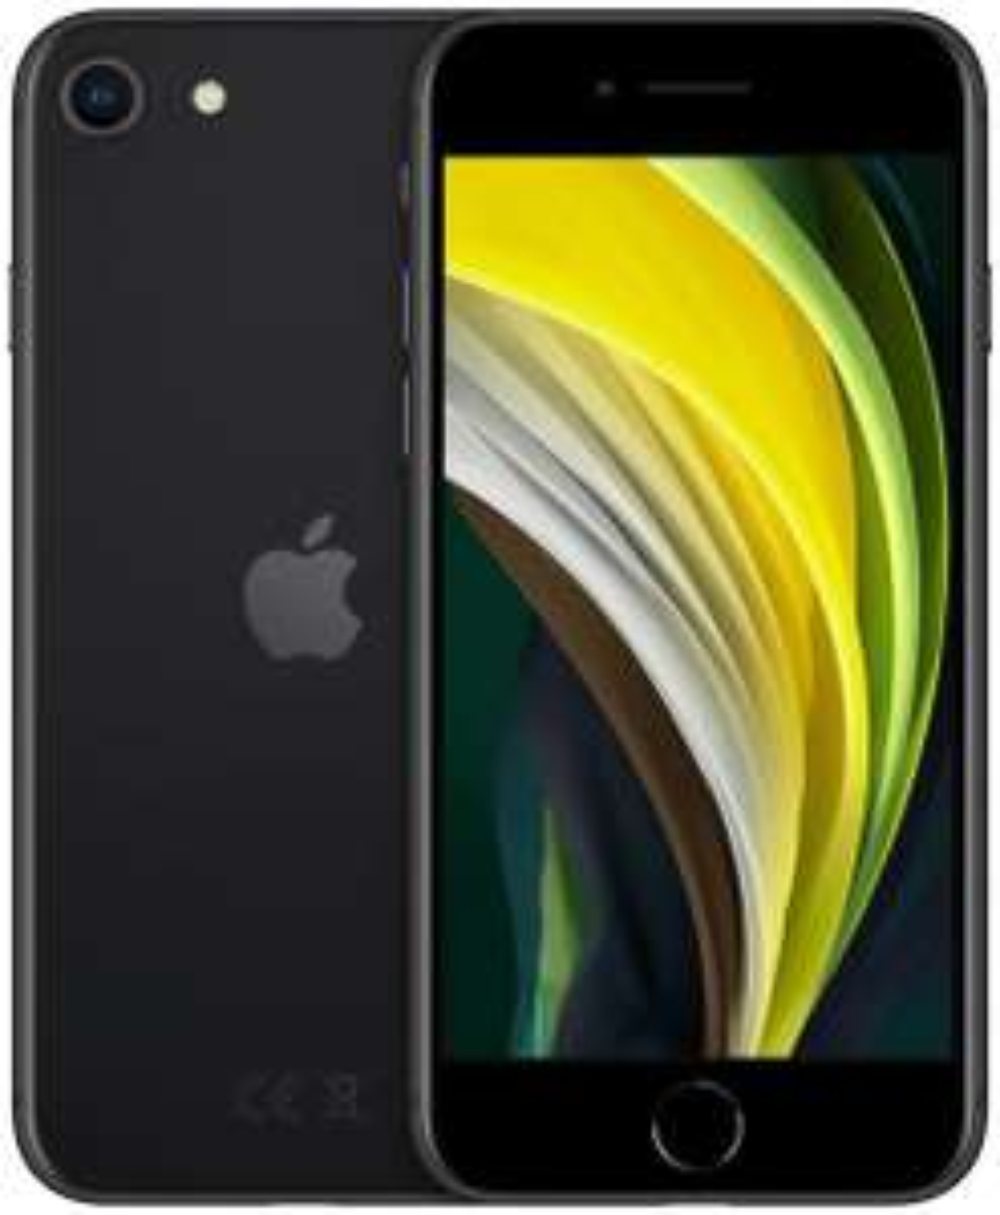 """Sélection de produits en promotion - Ex: Smartphone 4.7"""" Apple iPhone SE 2020 (HD+ Retina, A13, 3 Go de RAM, 128 Go) - Outreau (62)"""